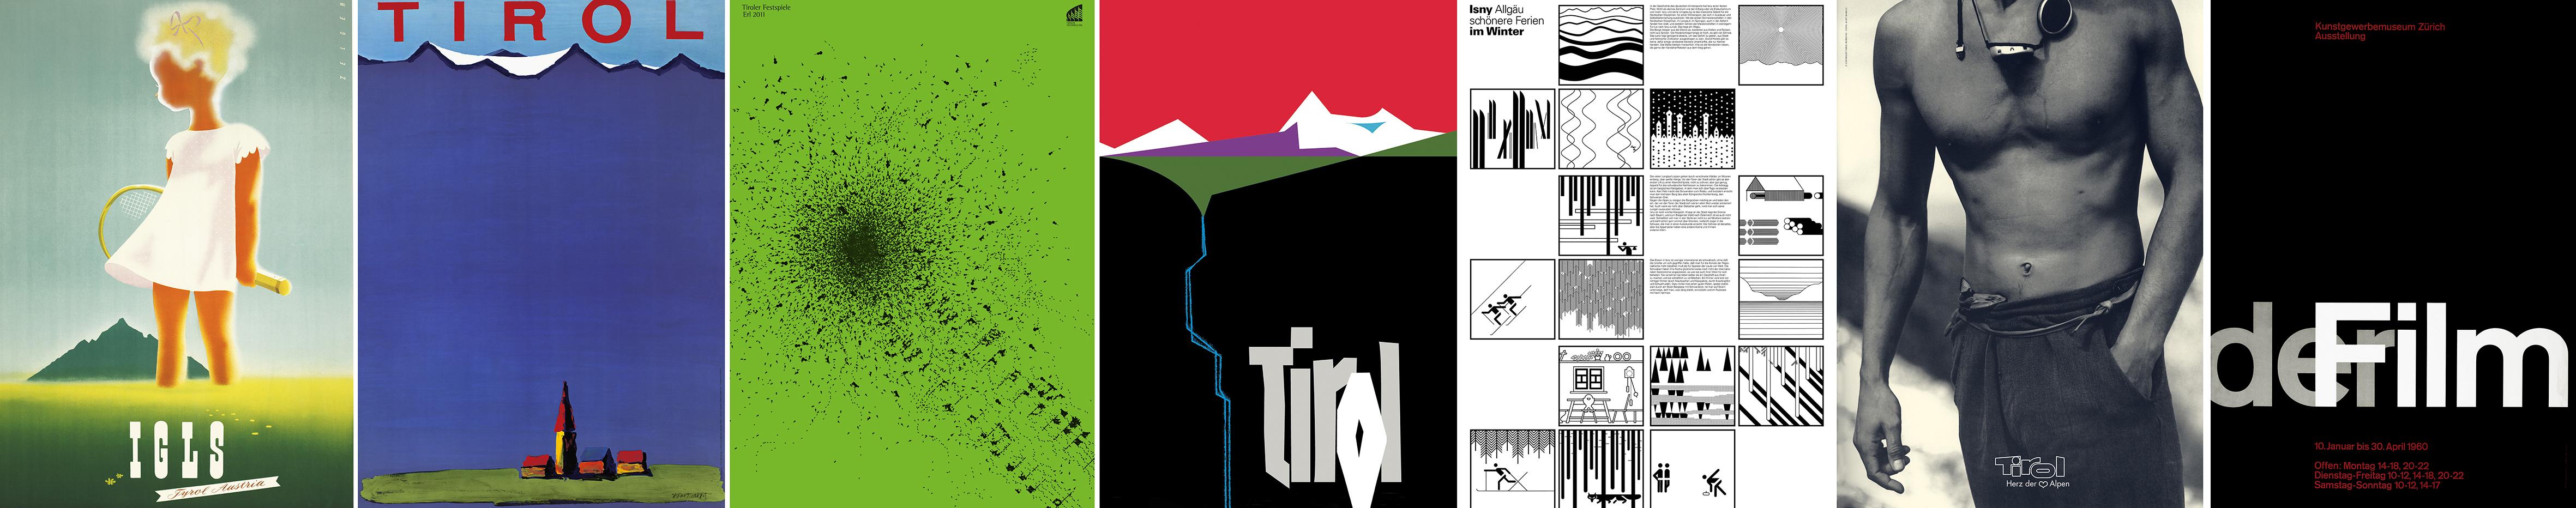 Plakatreproduktionen von Arthur Zelger, Ernst Insam, Kurt Markus, Circus, TL Aicher, Josef Müller-Bockmann uvm in Formaten 50x70 und größer